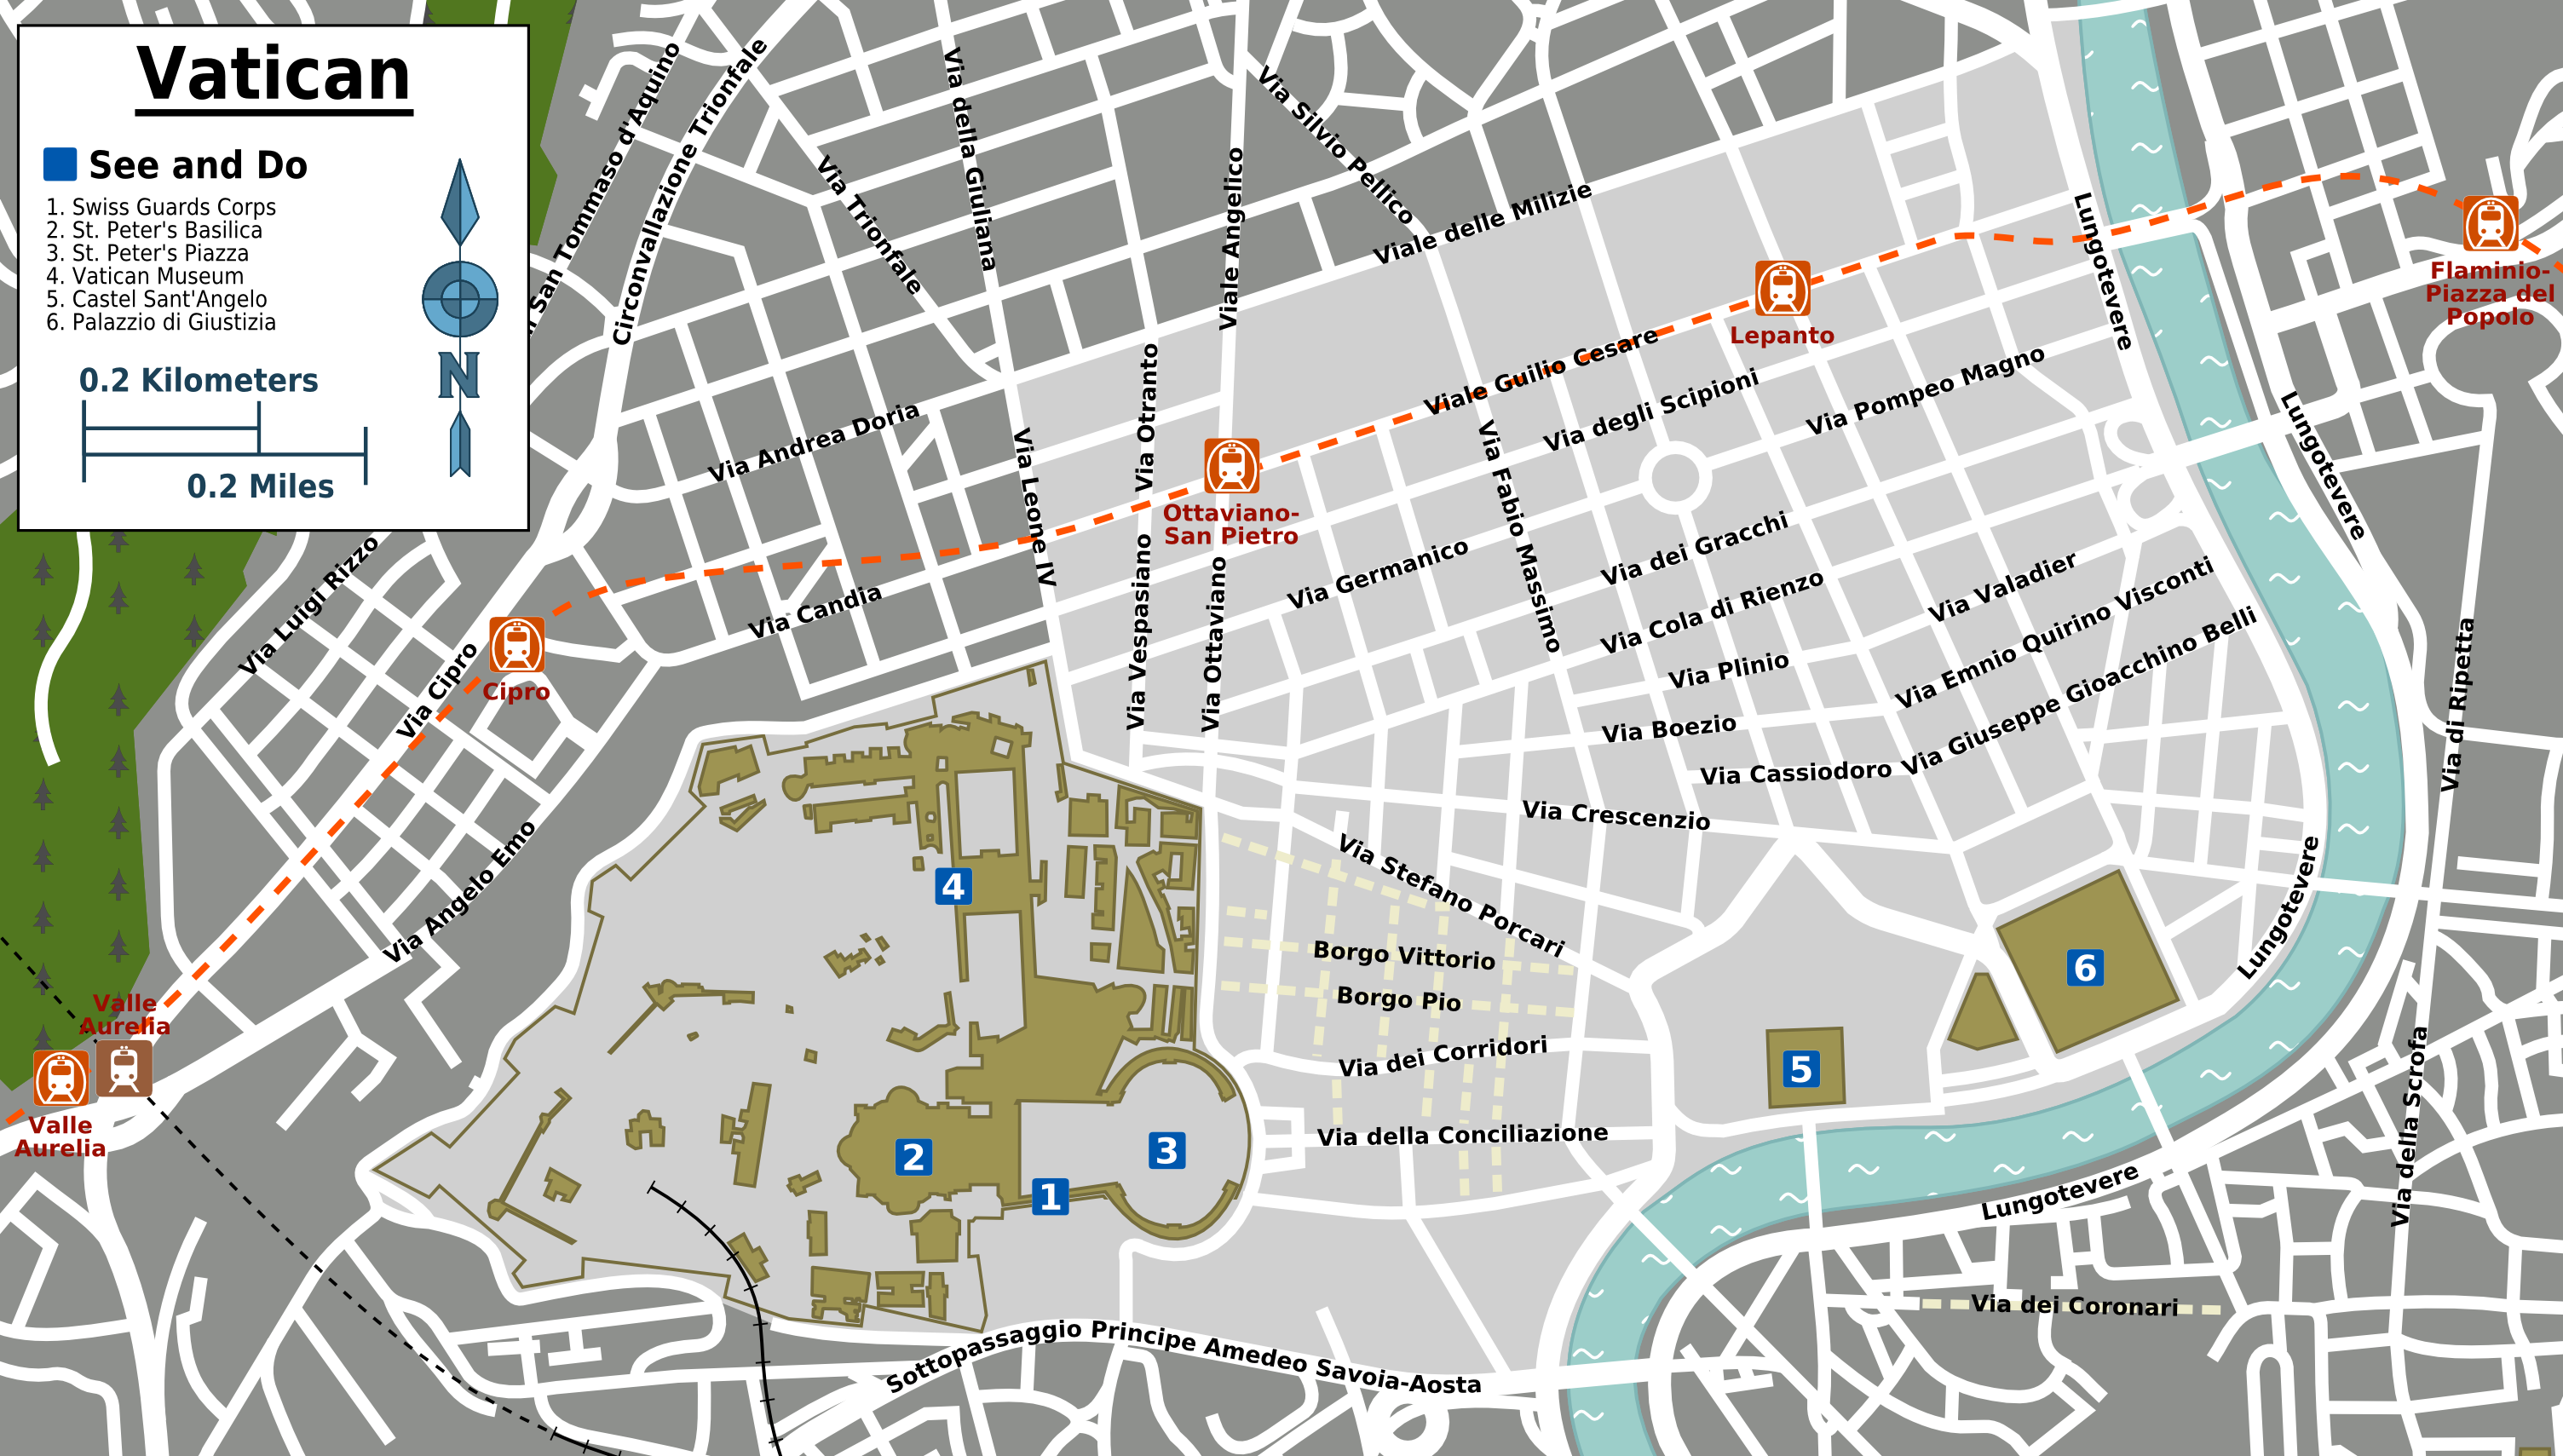 Vatican Museum Floor Plan Landkarte Vatikan Stadt Touristische Karte Weltkarte